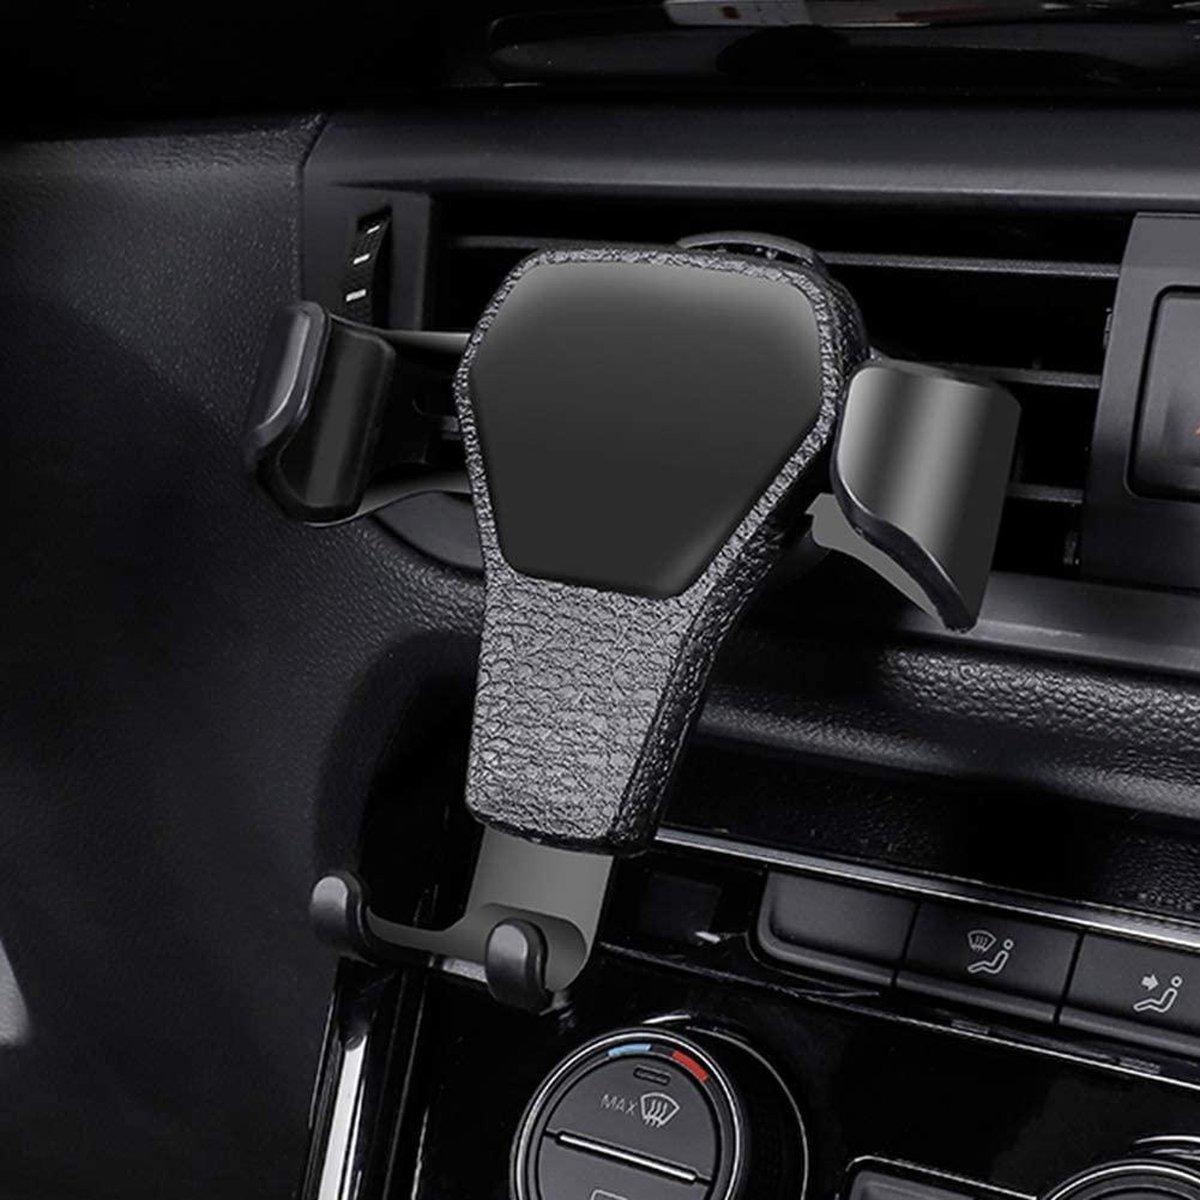 Auto Mobiele Telefoon Houder/Telefoonhouder Auto/ Zwart/Houder Voor Samsung iphone / Telefoon In Aut